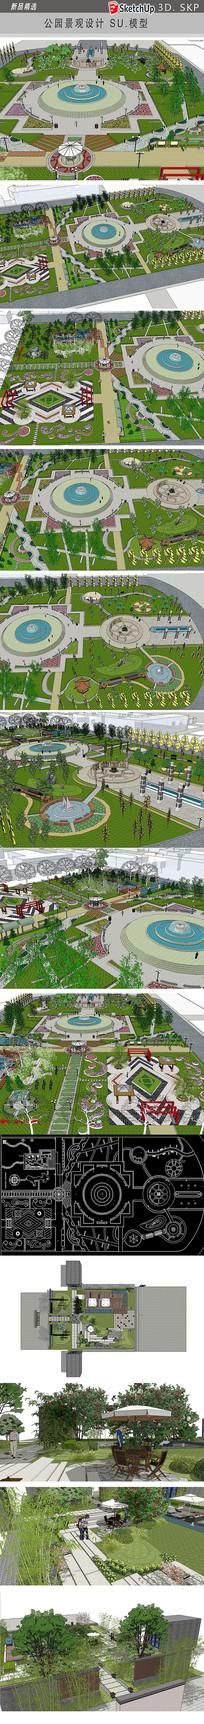 公园景观SU模型